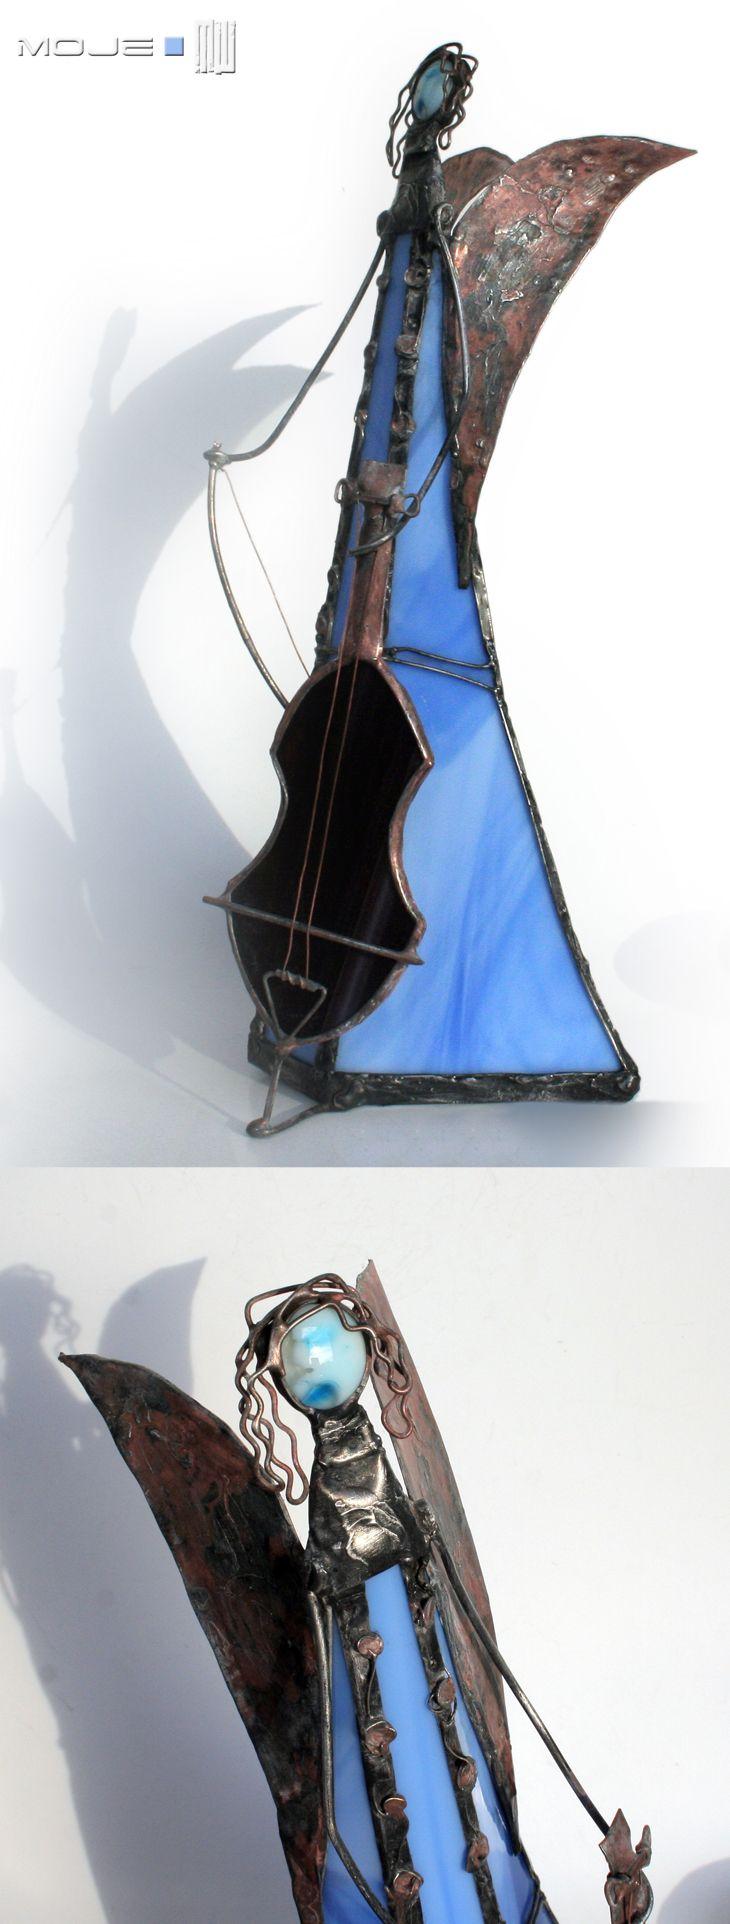 Anioł / Angel. Witraż Tiffany / Tiffany Stained Glass. Dekoracje do domu. Glass Angel. Moje MW